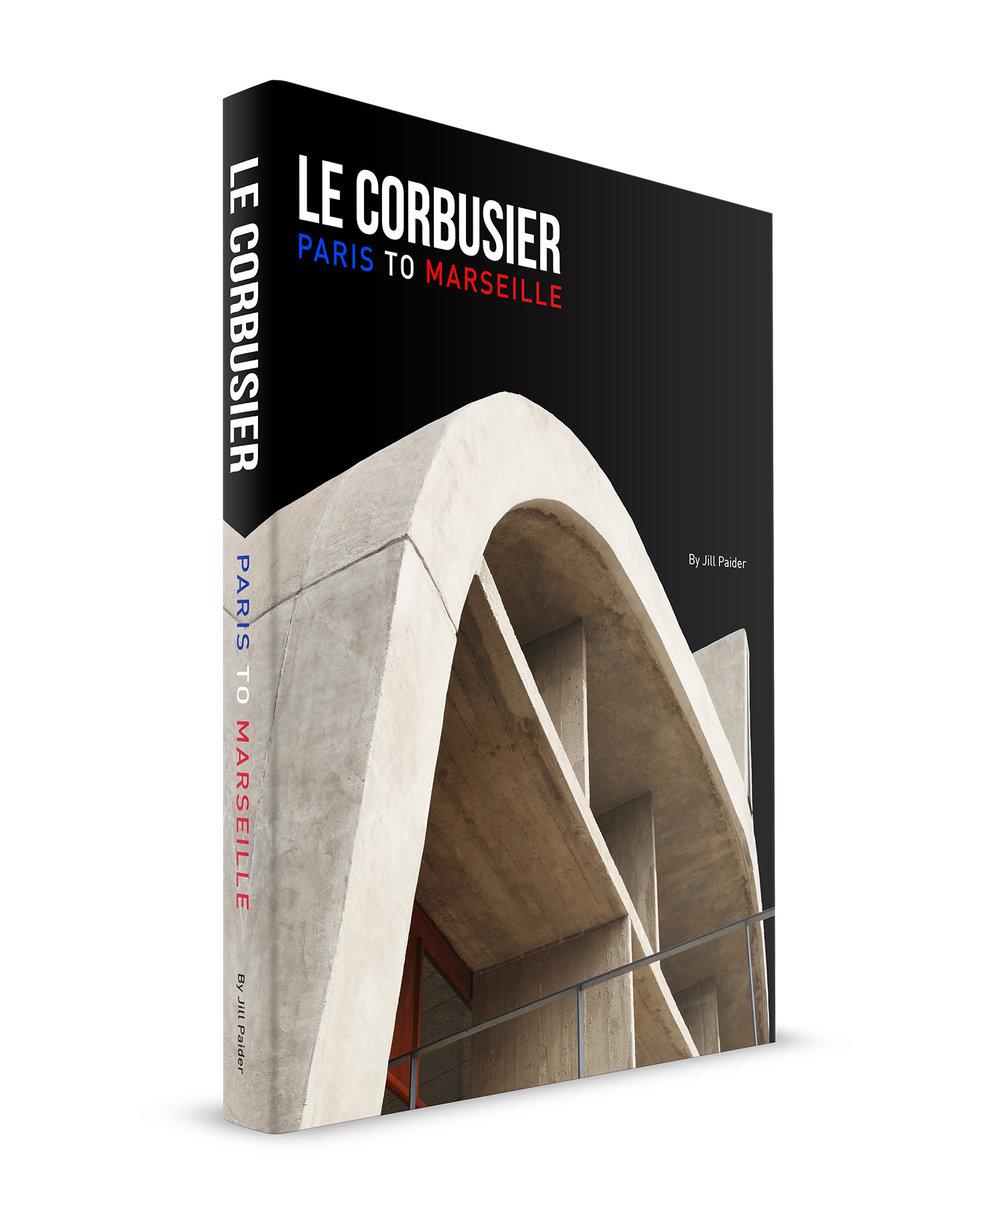 LE CORBUSIER: PARIS TO MARSEILLE